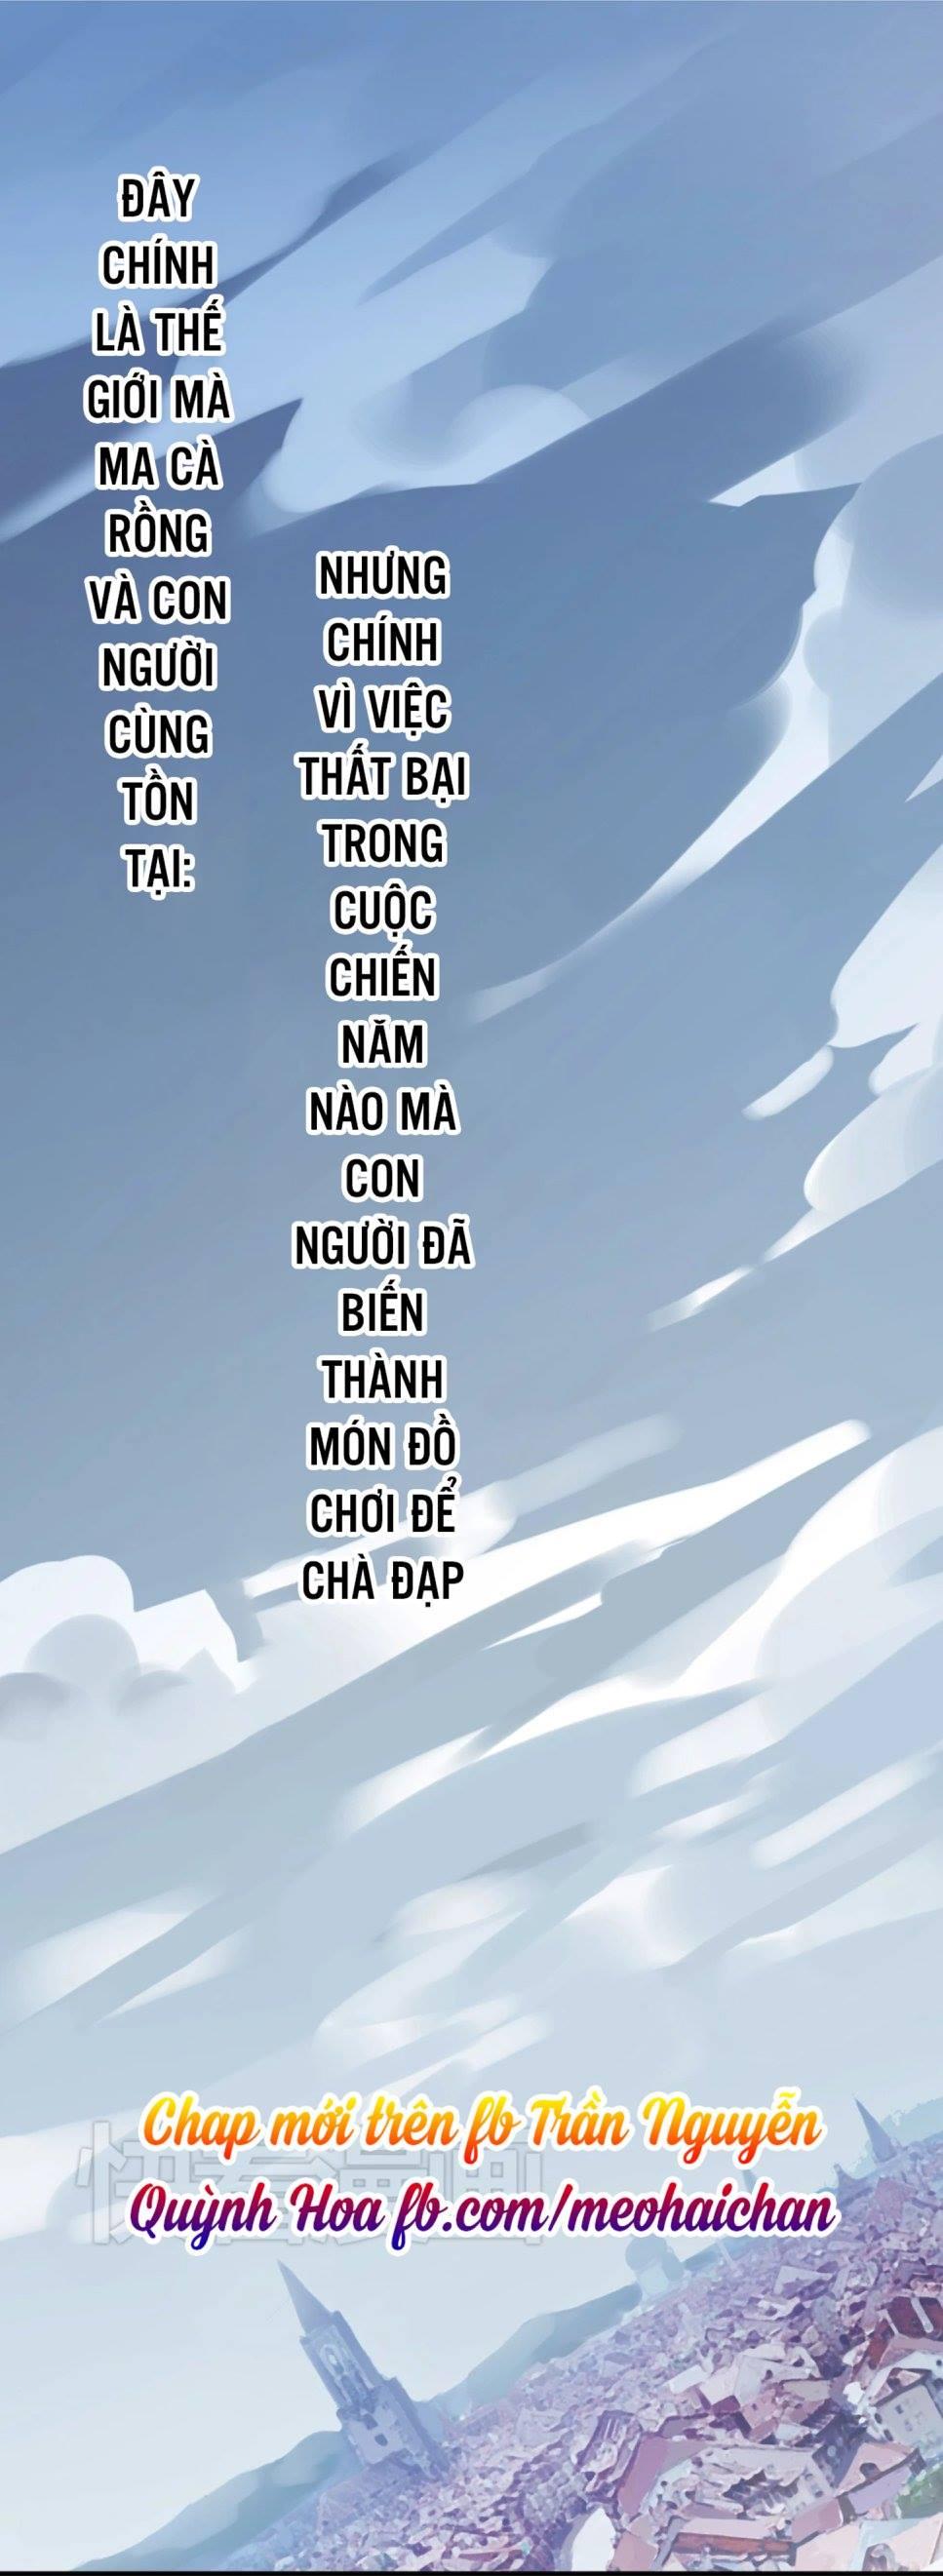 Vết Cắn Ngọt Ngào Chap 1 - TruyenTranhTop.Net